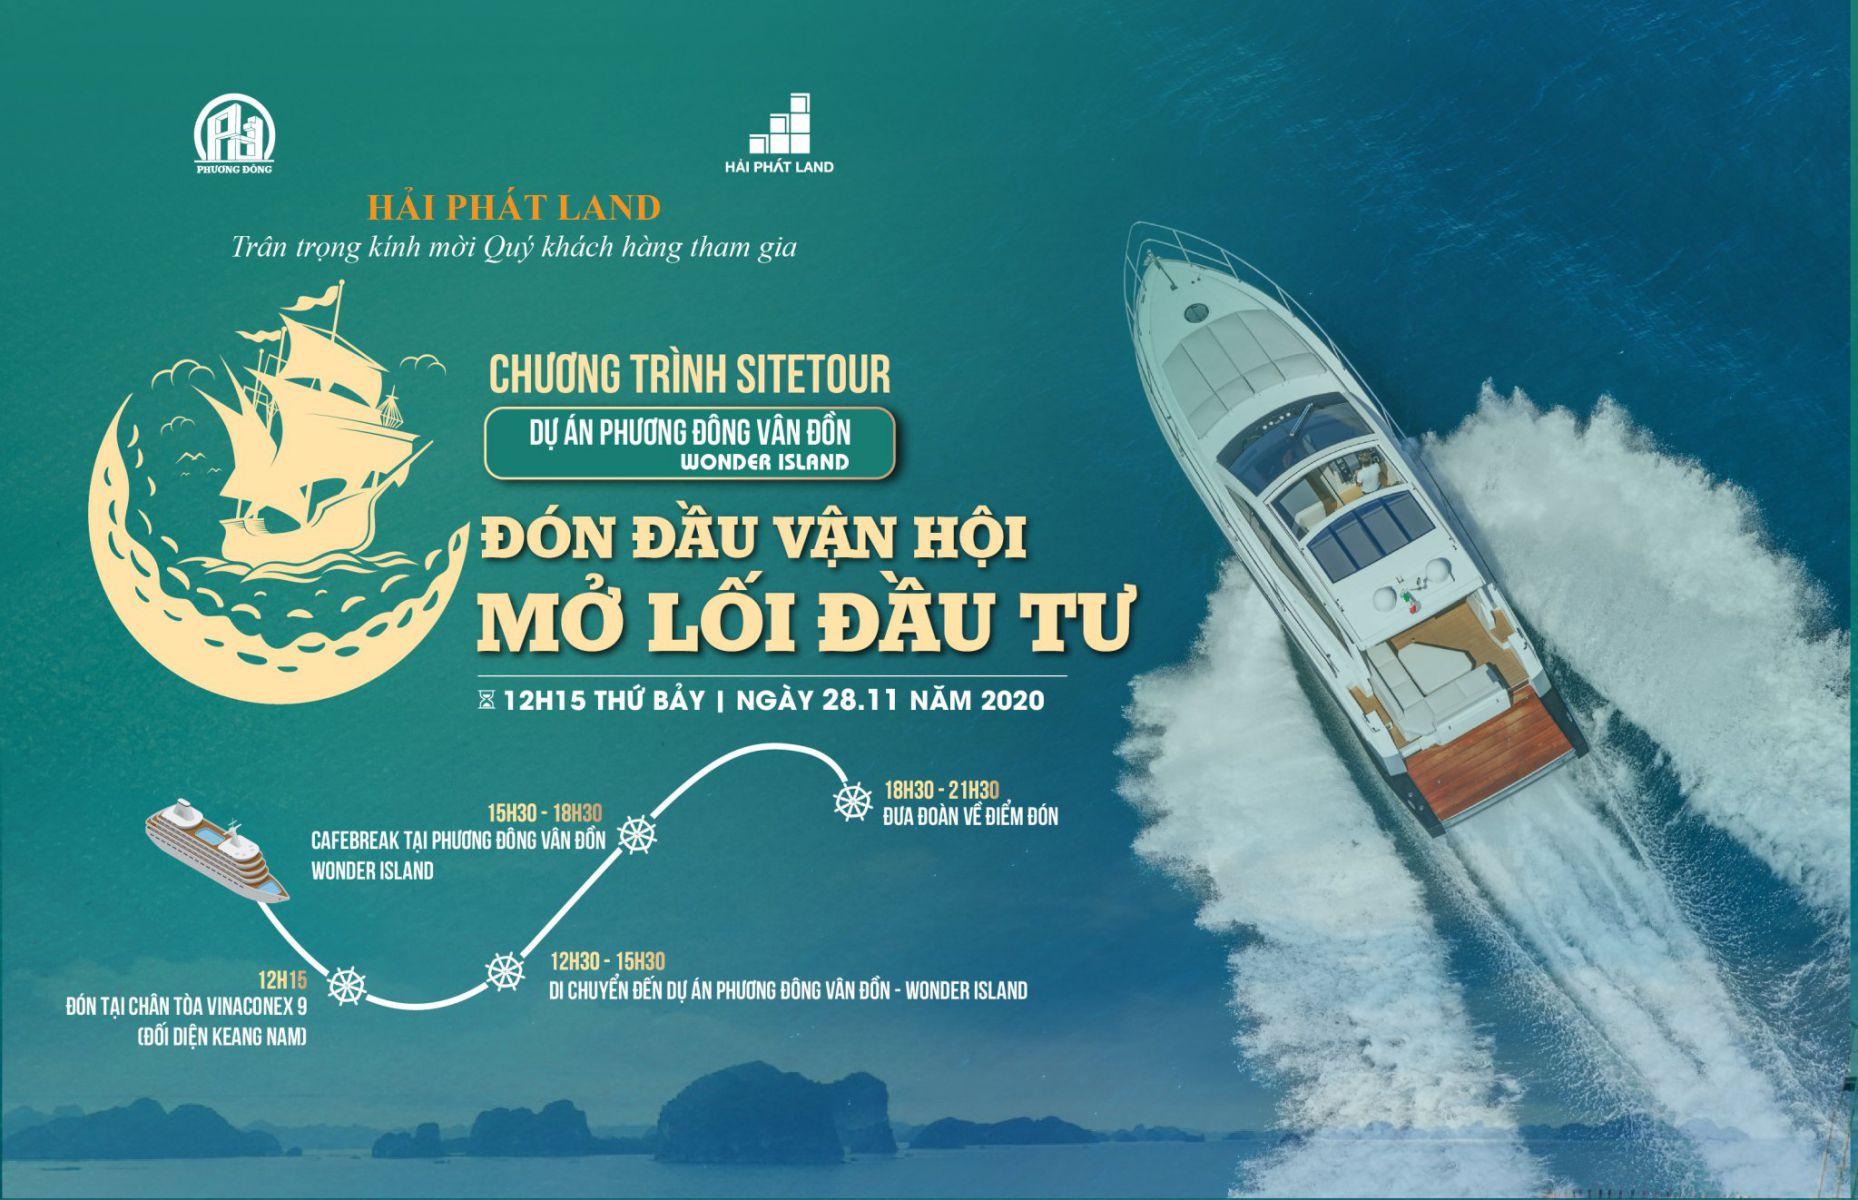 Chương trình Sitetour dự án KĐT Phương Đông Vân Đồn - Wonder Island